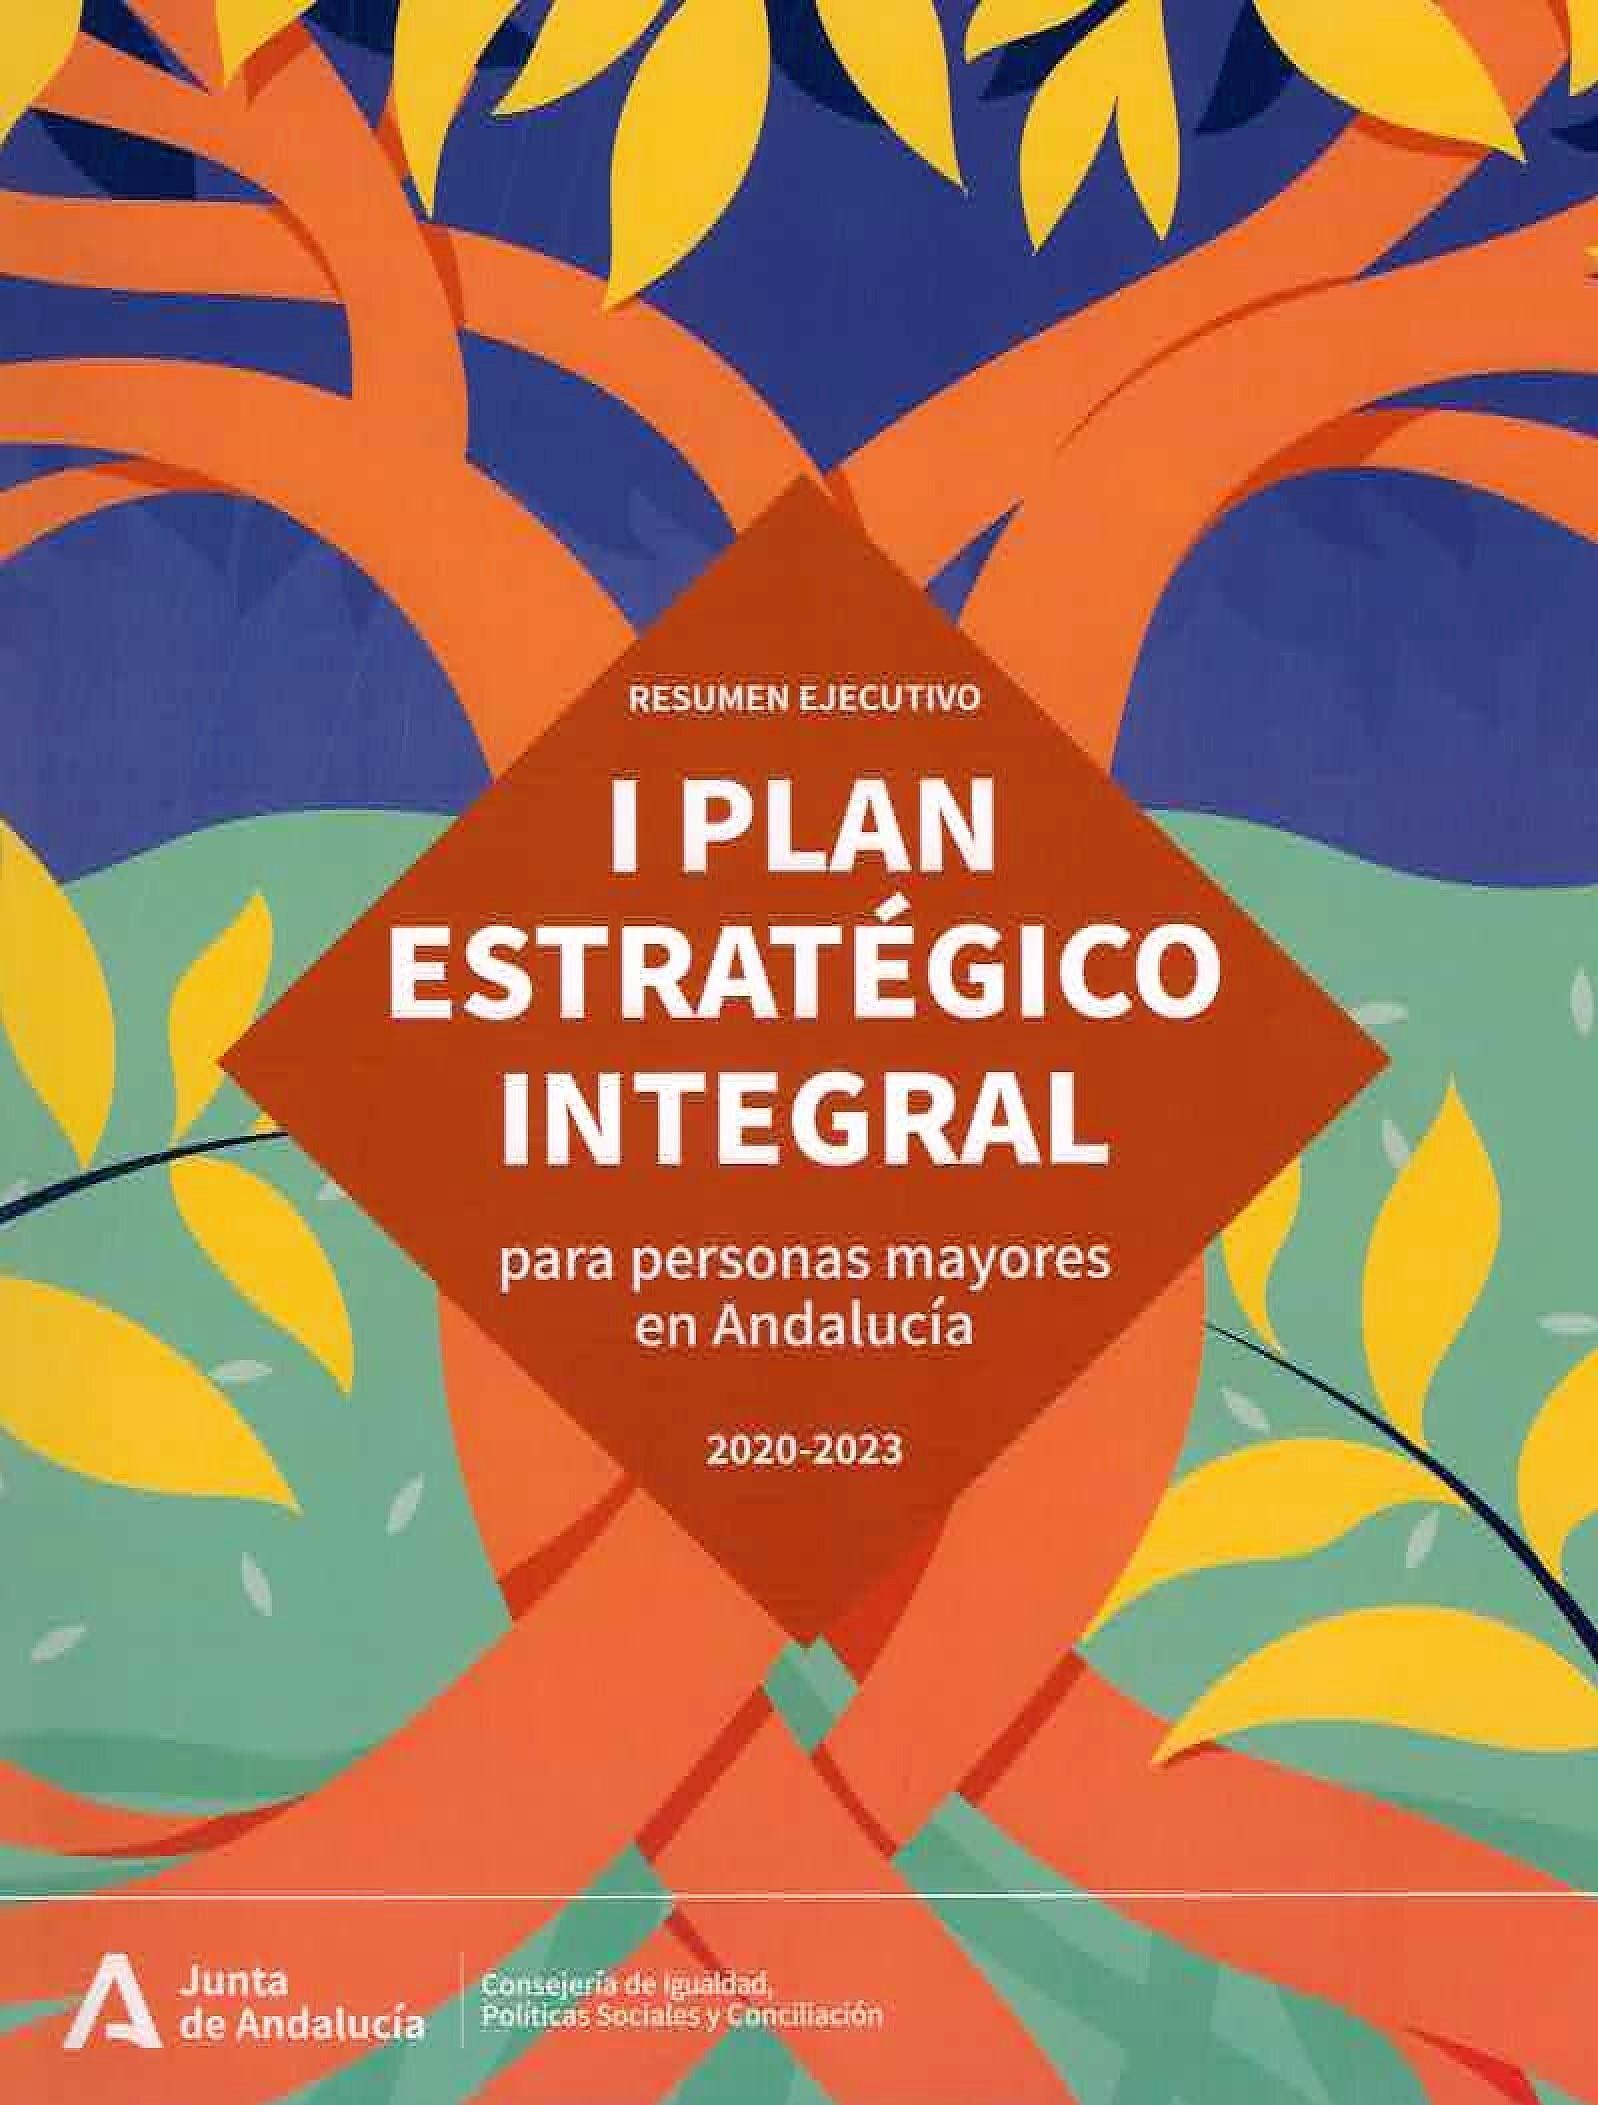 Resumen Ejecutivo. I Plan Estratégico Integral para personas mayores en Andalucía 2020-2023.